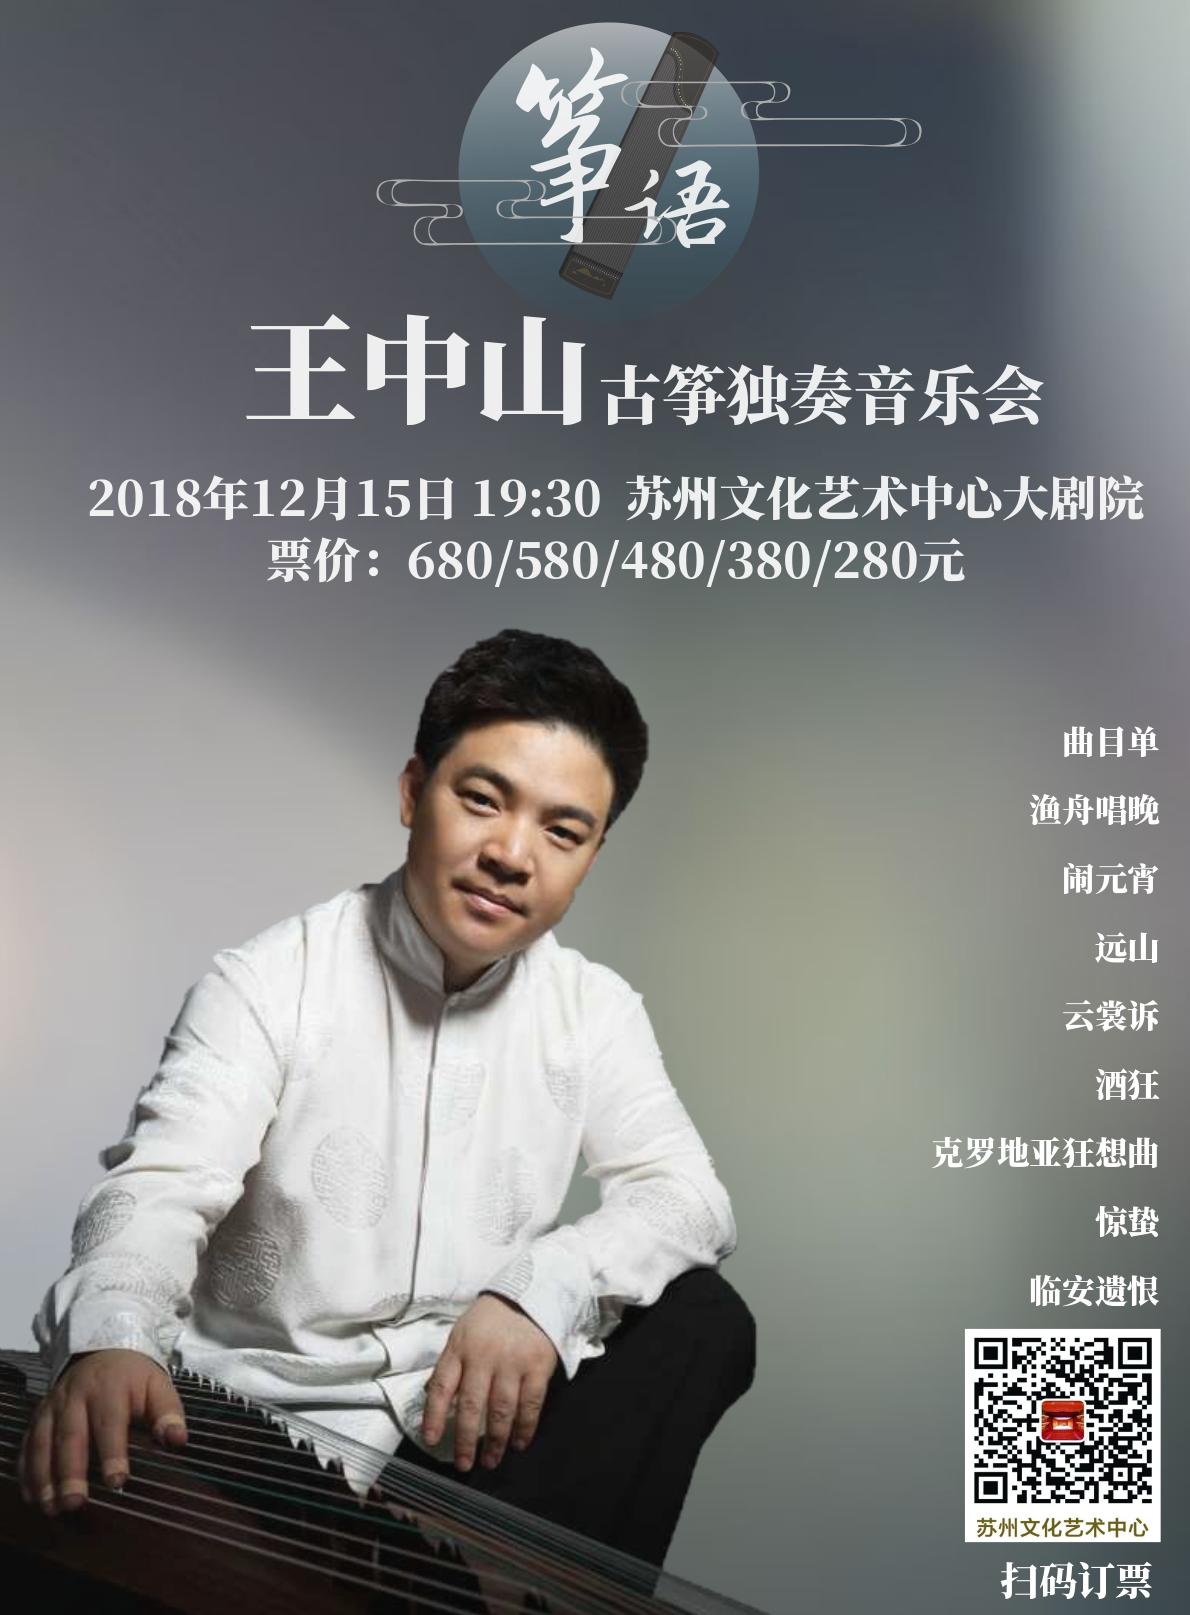 筝语-王中山古筝独奏音乐会(合作)